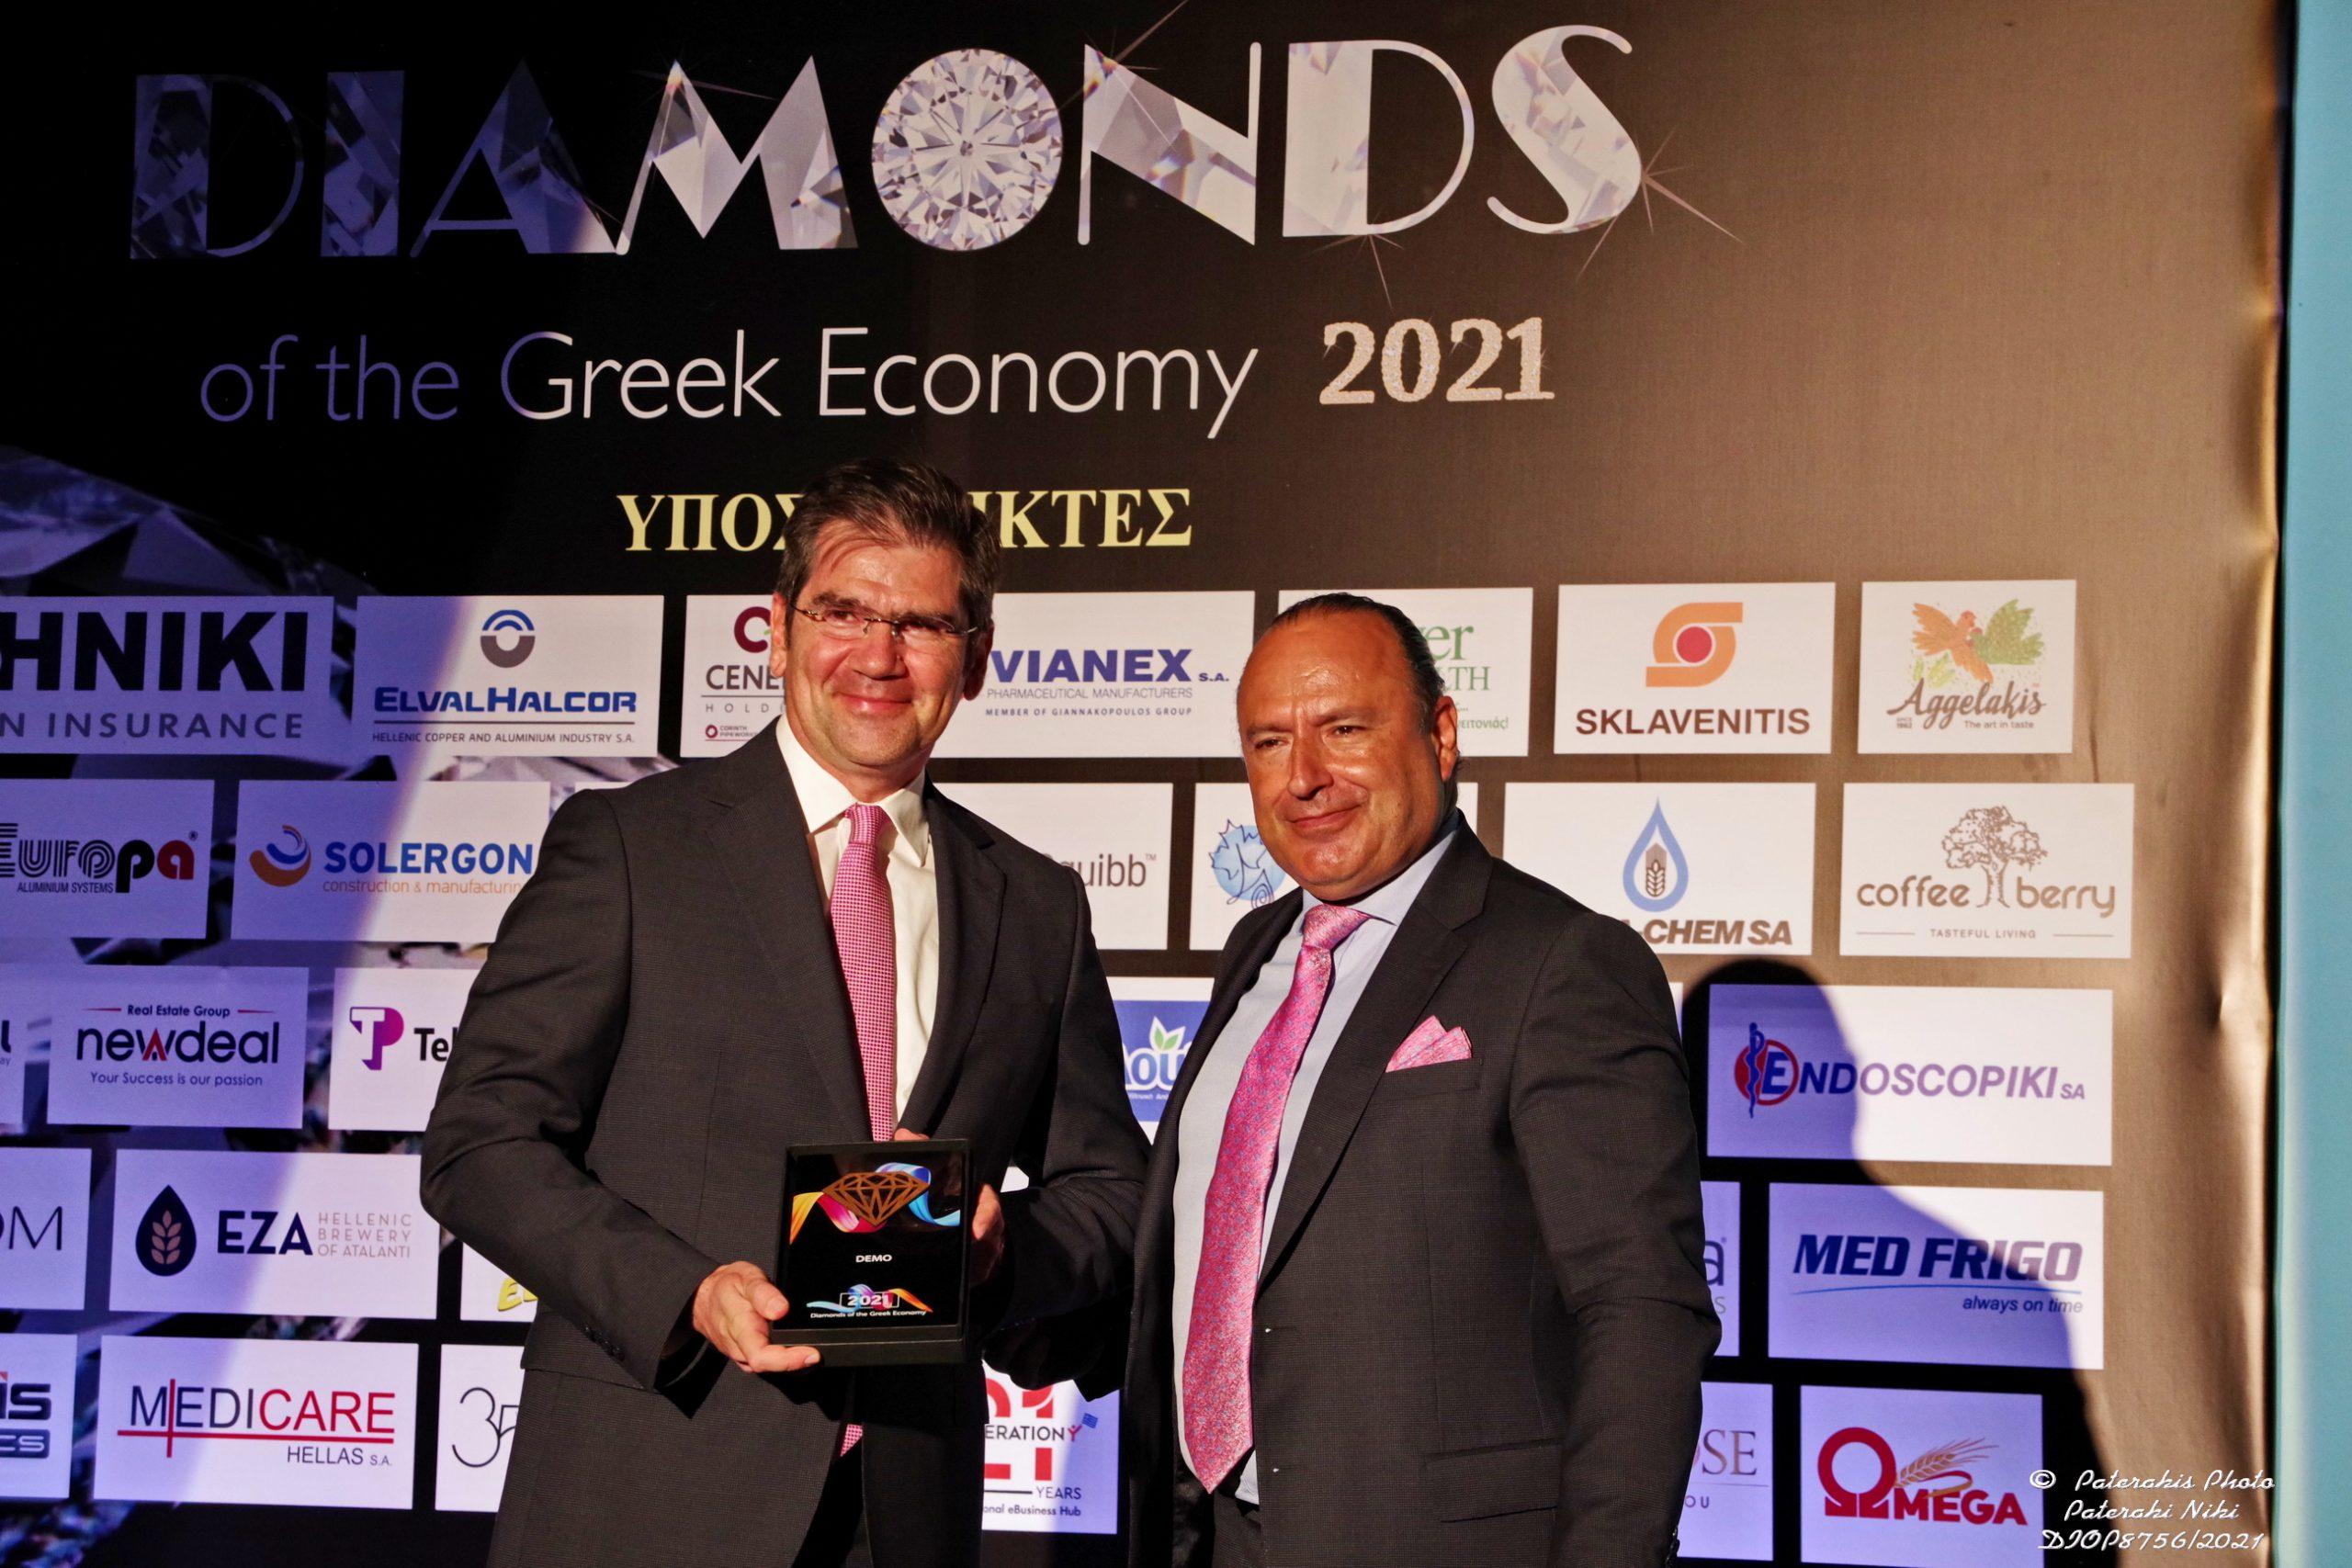 Διάκριση της DEMO στην διοργάνωση «Diamonds of the Greek Economy 2021»